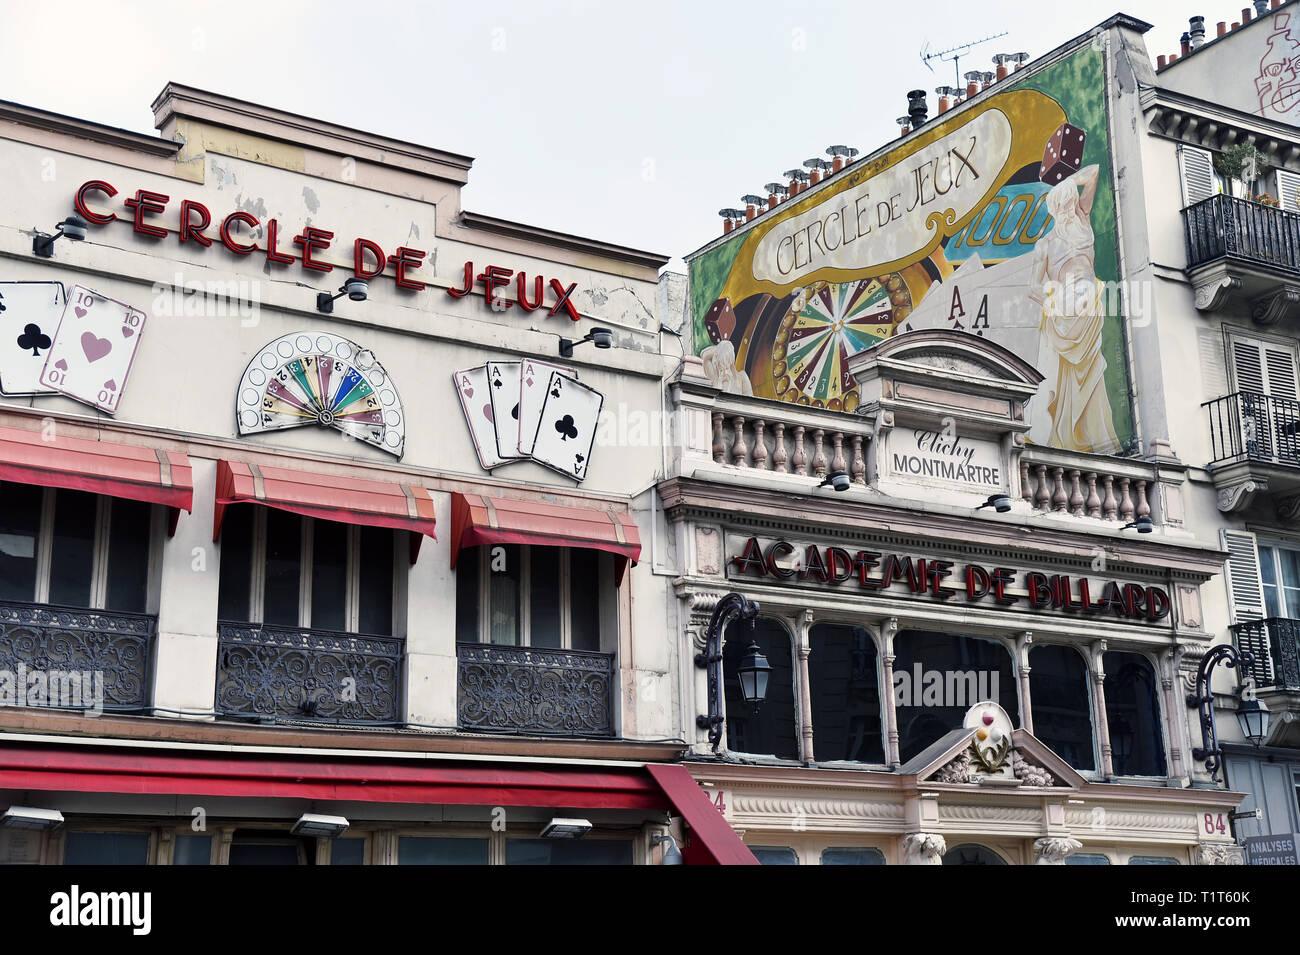 Gambling Joint - Place de Clichy - Paris - France - Stock Image